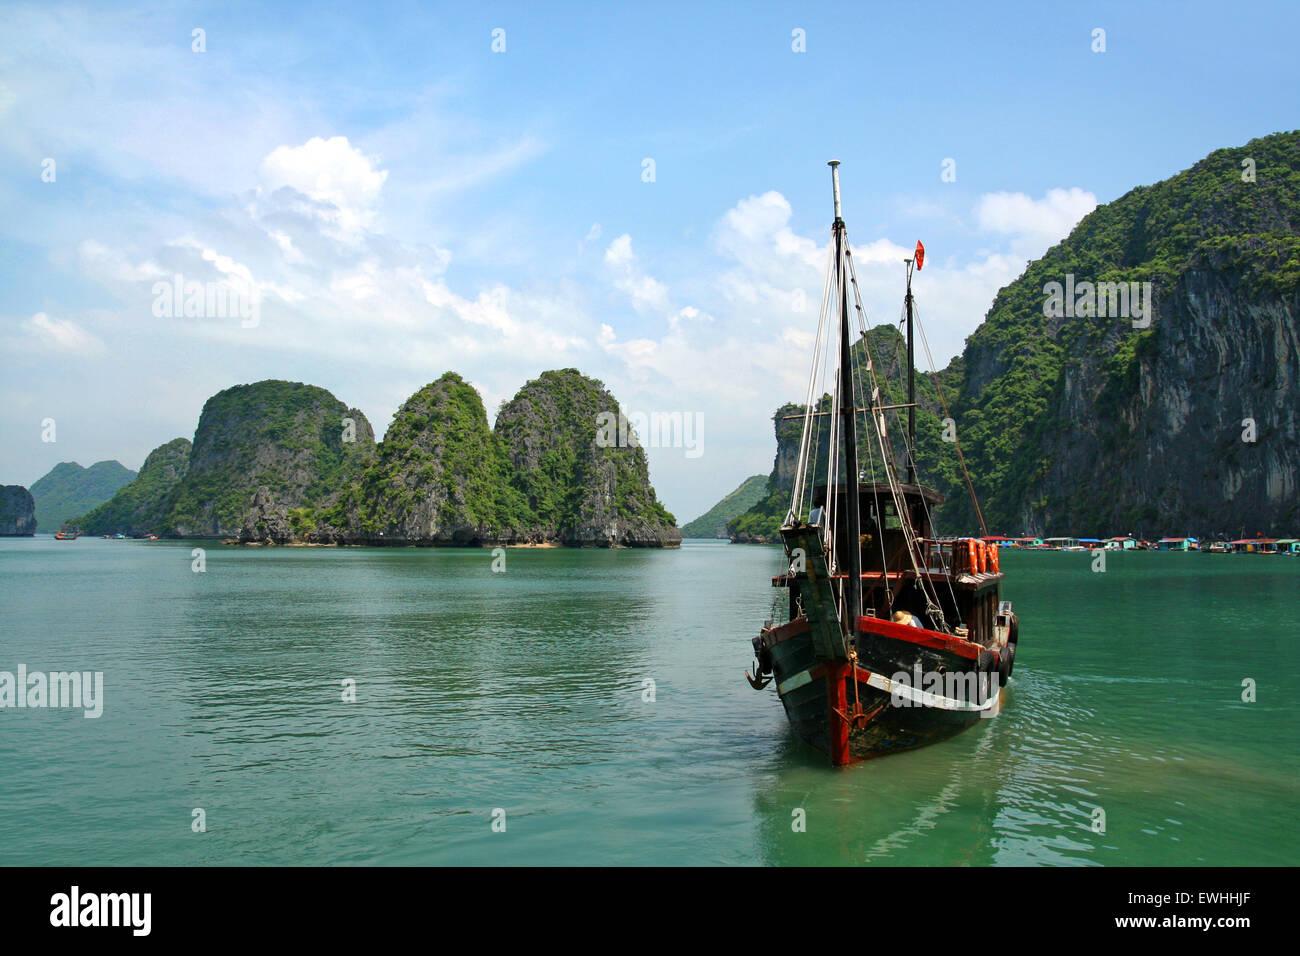 Dschunke in der Halong Bucht, Vietnam Stockbild